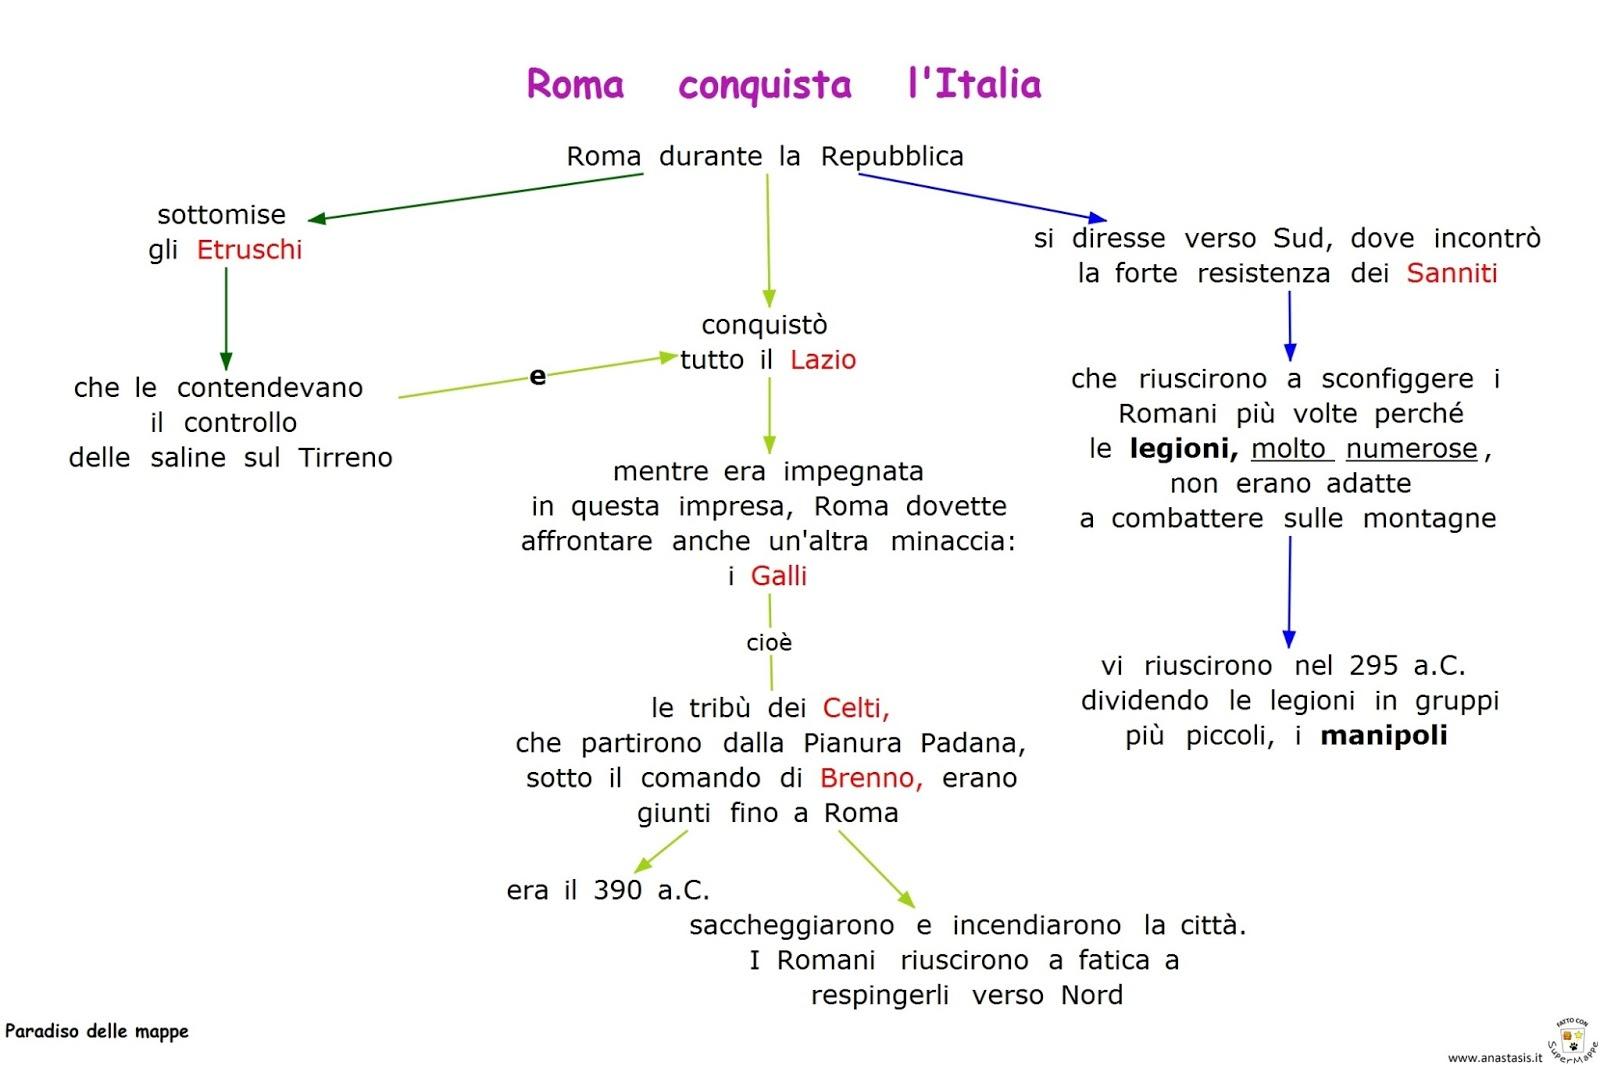 Paradiso Delle Mappe Roma Conquista Litalia